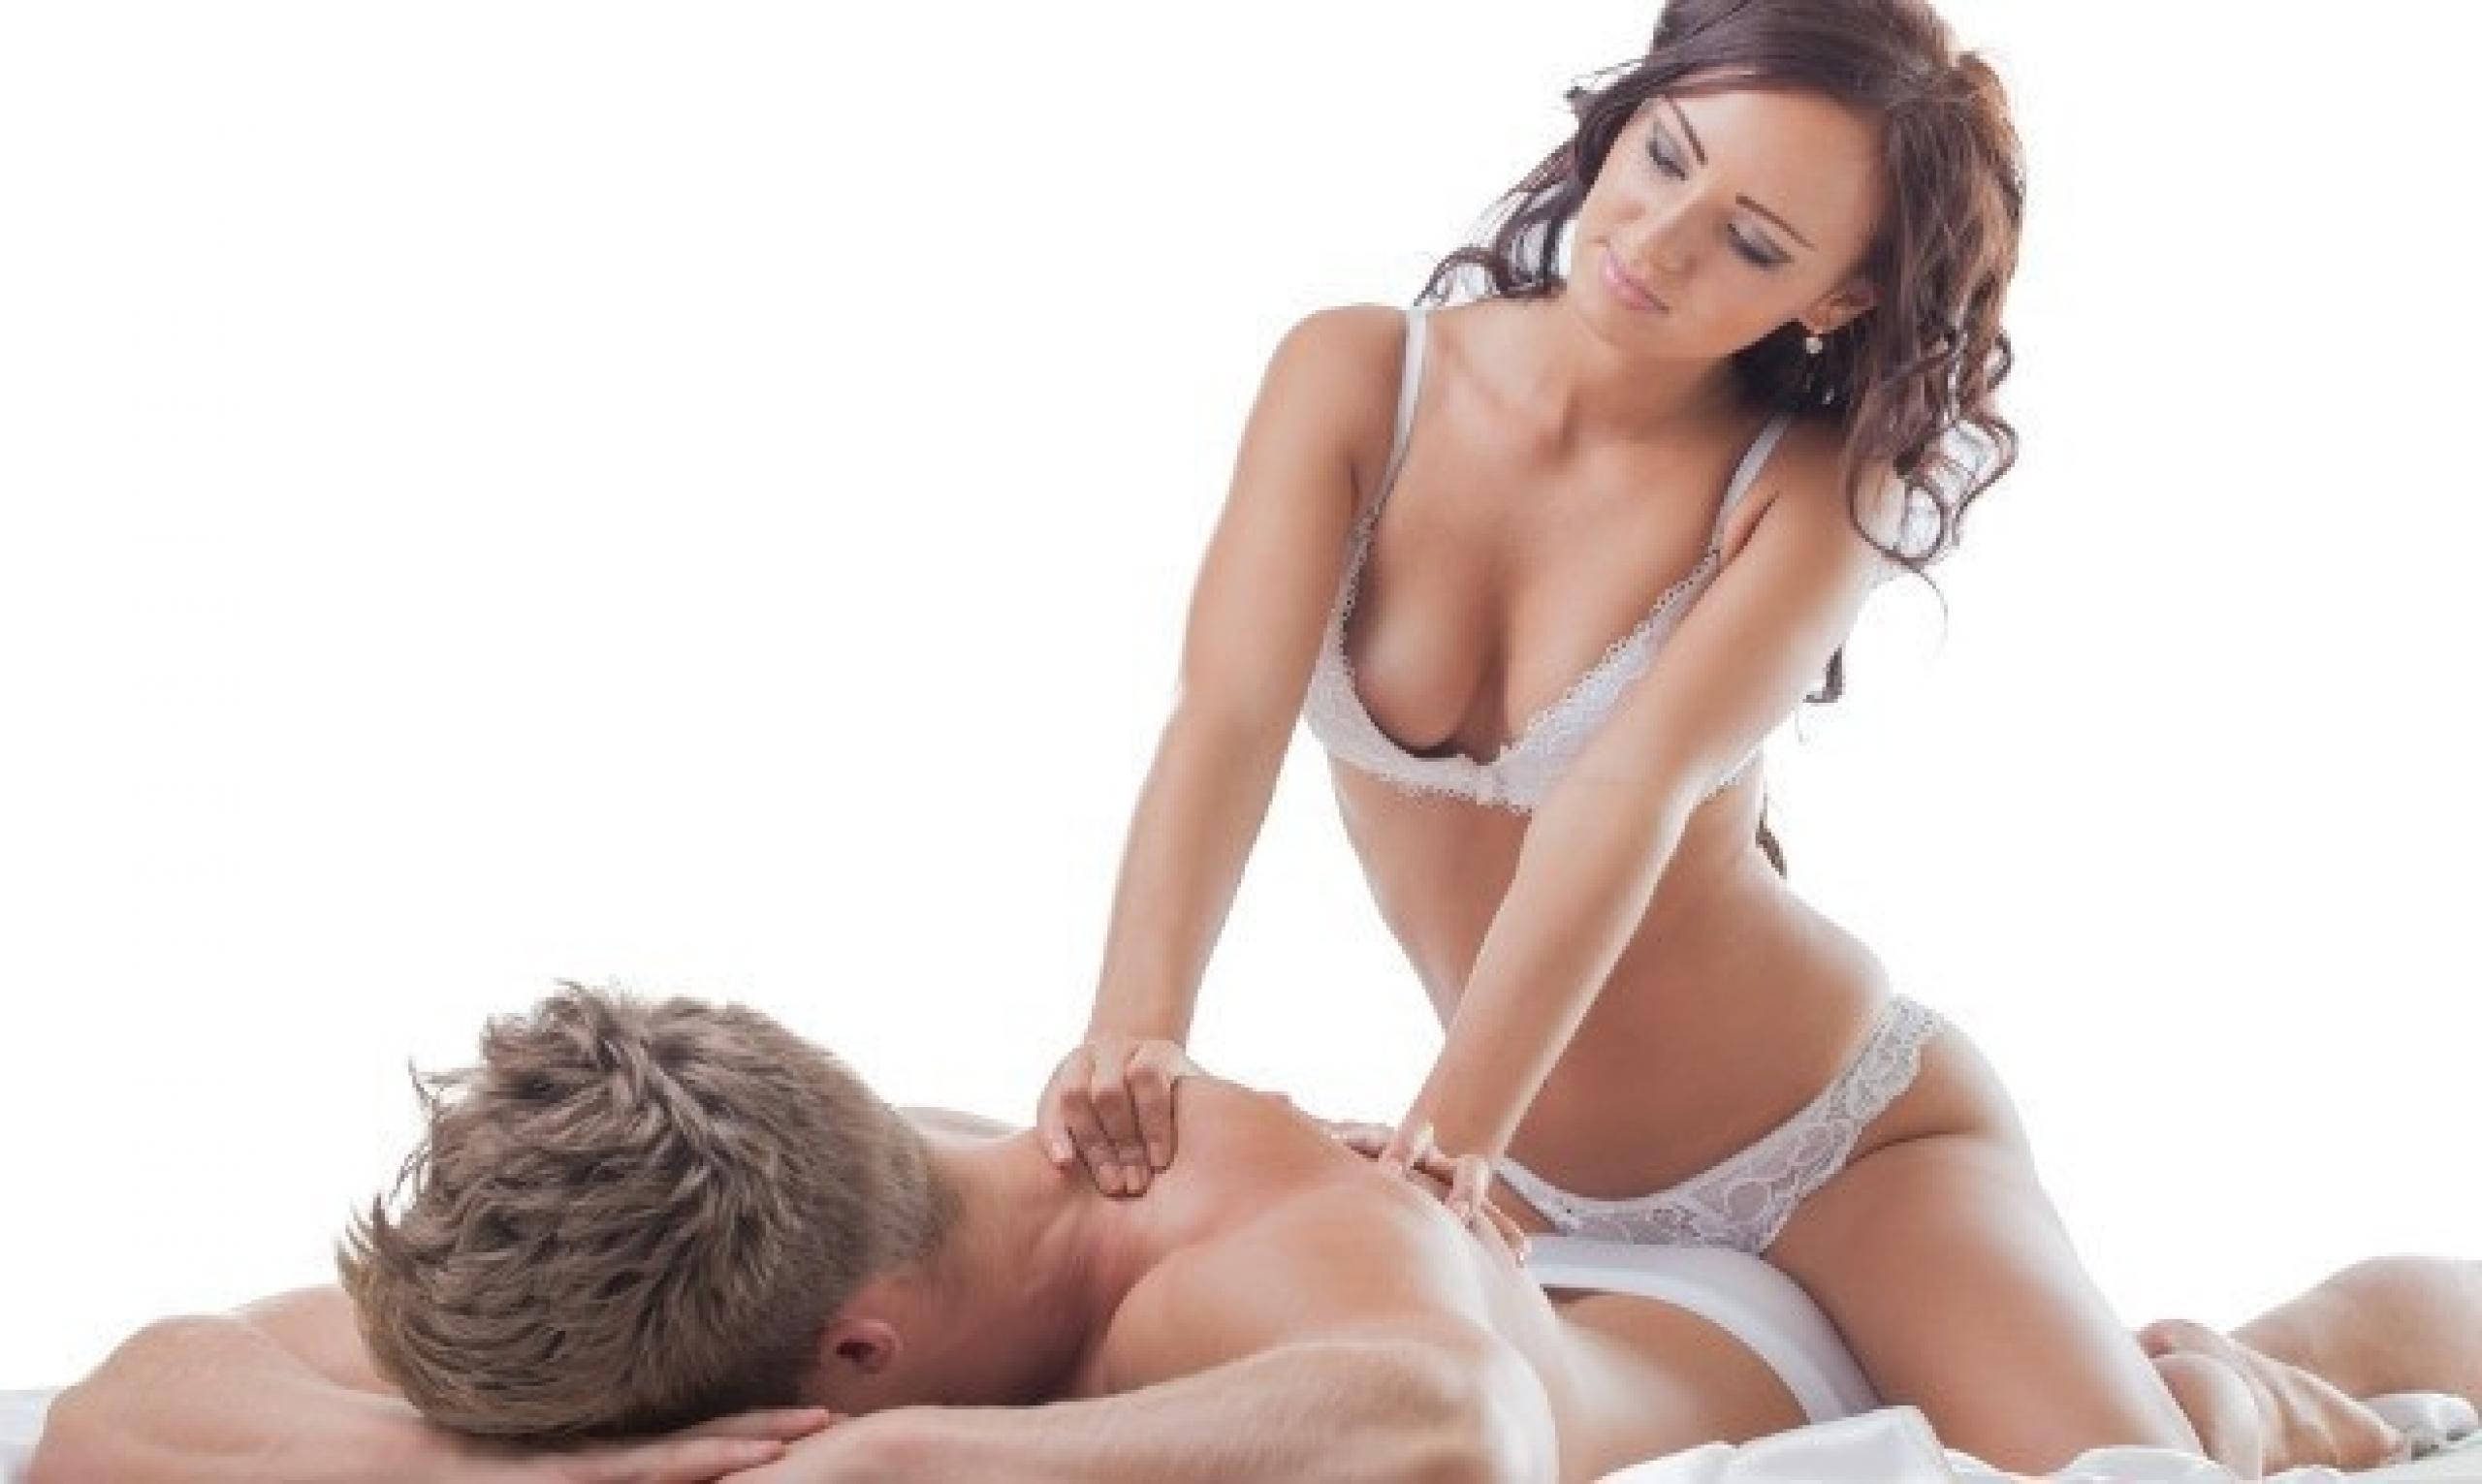 Как соблазнить партнера сексуальными играми